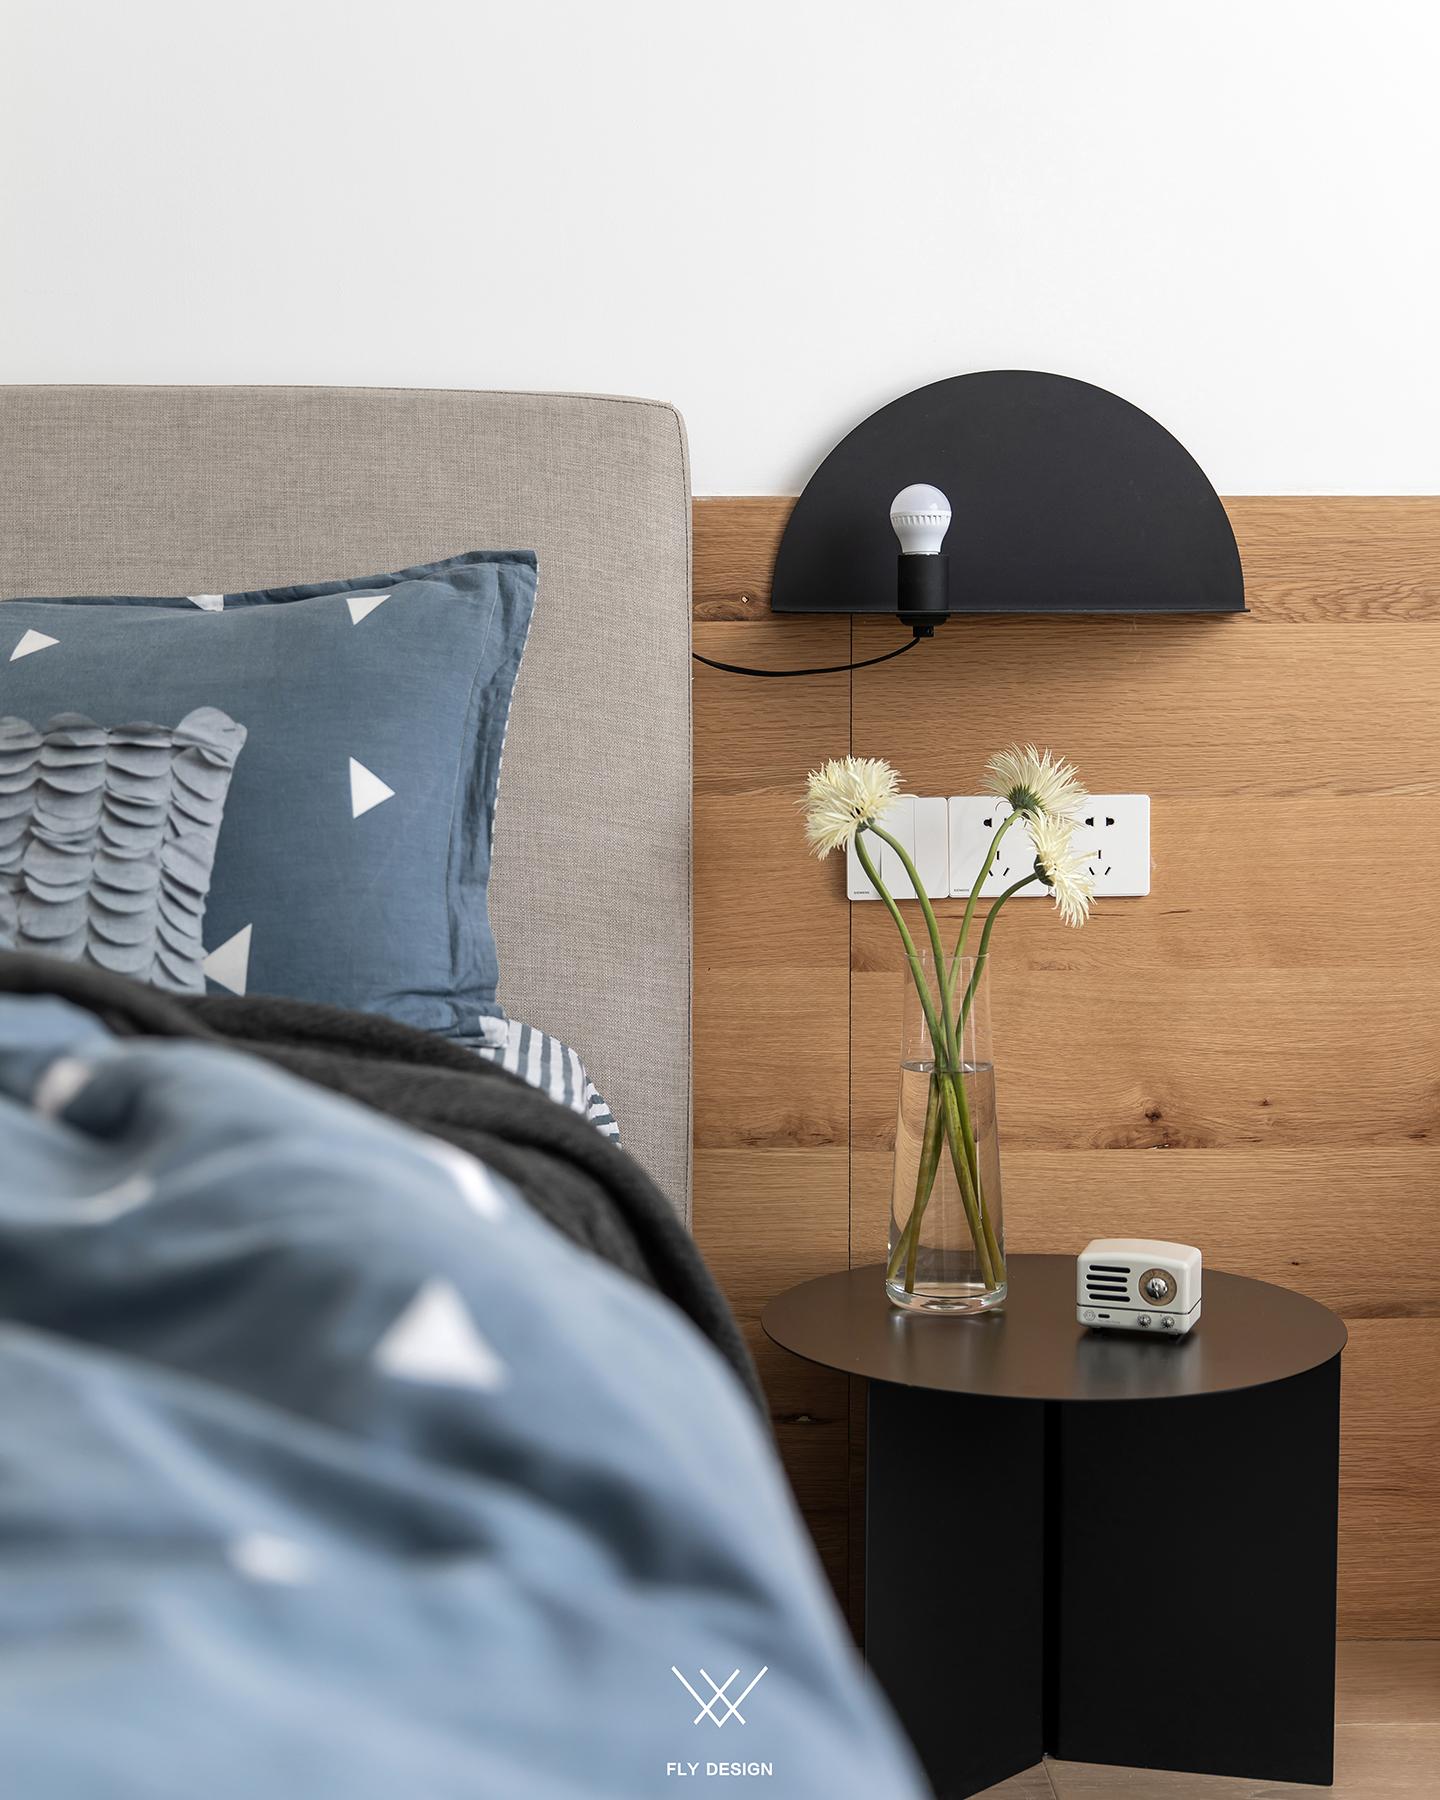 北欧休闲风两居装修床头灯设计图